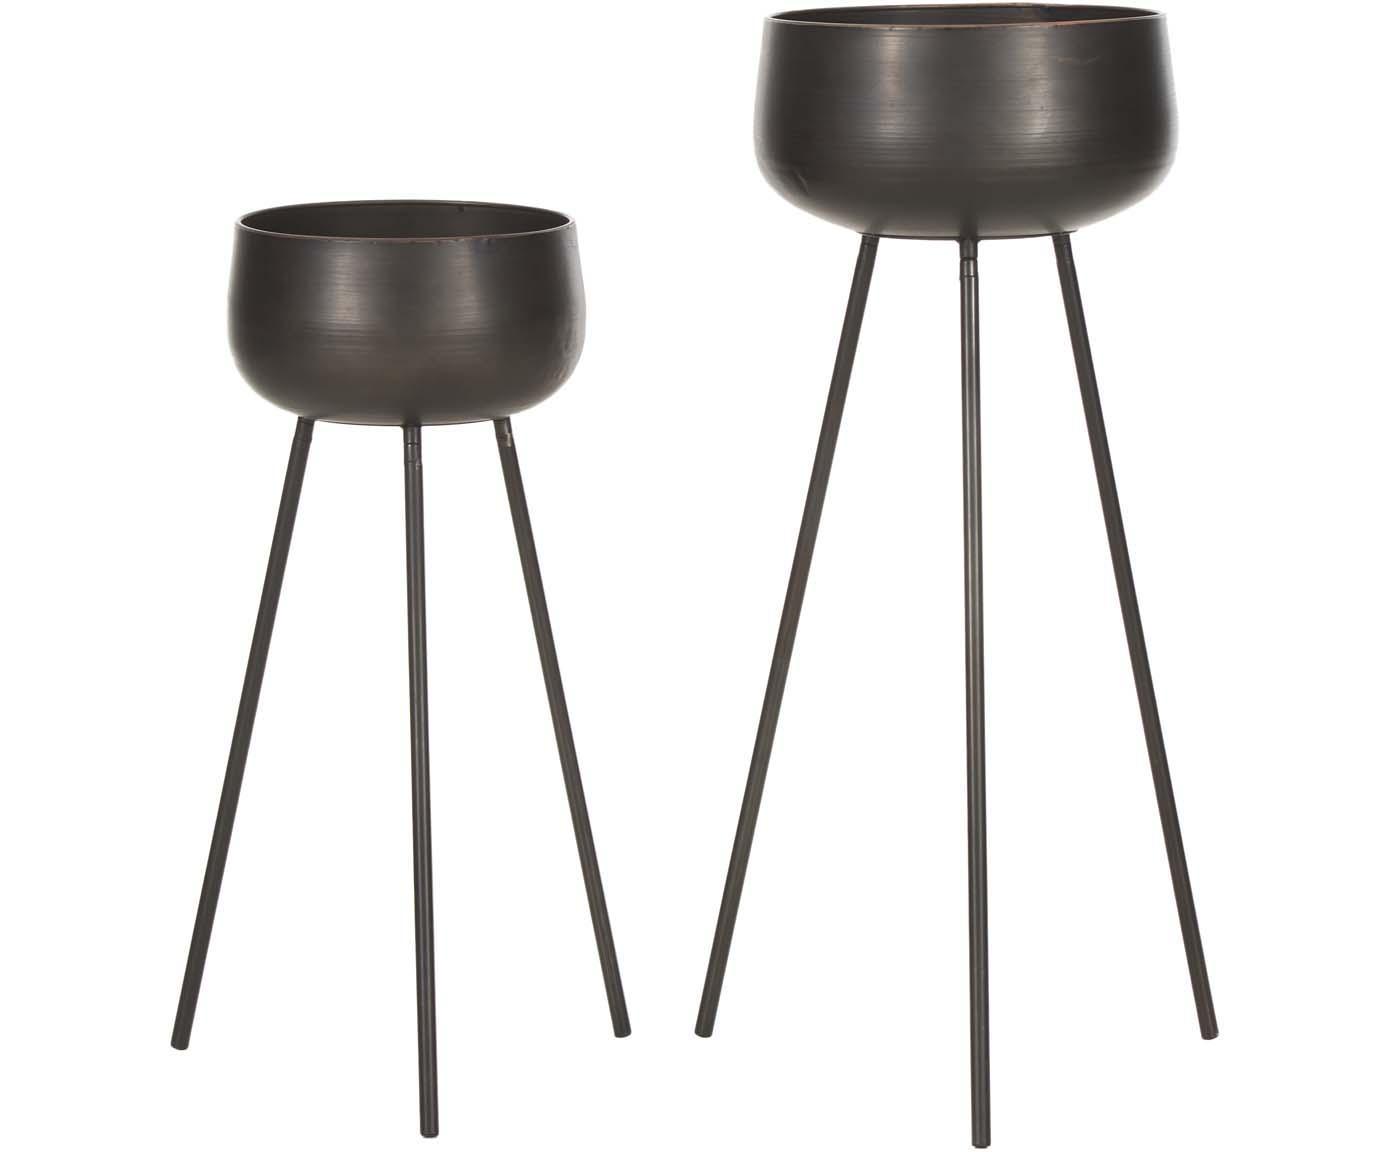 Übertopfe-Set Chimp, 2-tlg., Metall, beschichtet, Schwarz, Sondergrößen